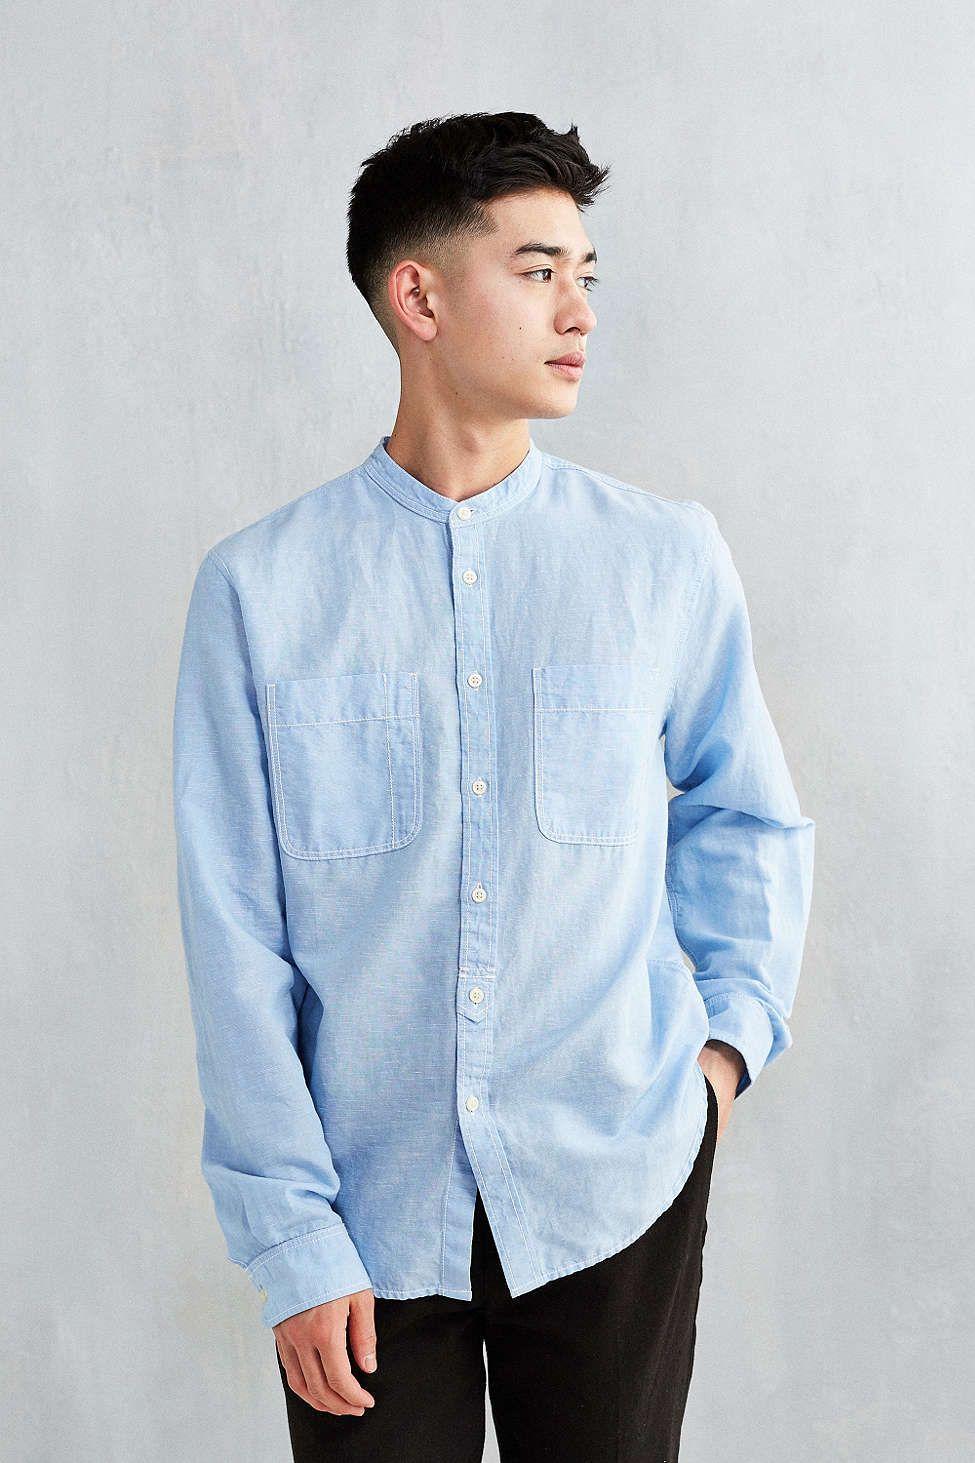 Cpo Banded Collar Two Pocket Shirt Gaya Model Pakaian Pria Gaya Rambut Pria Potongan Rambut Pria